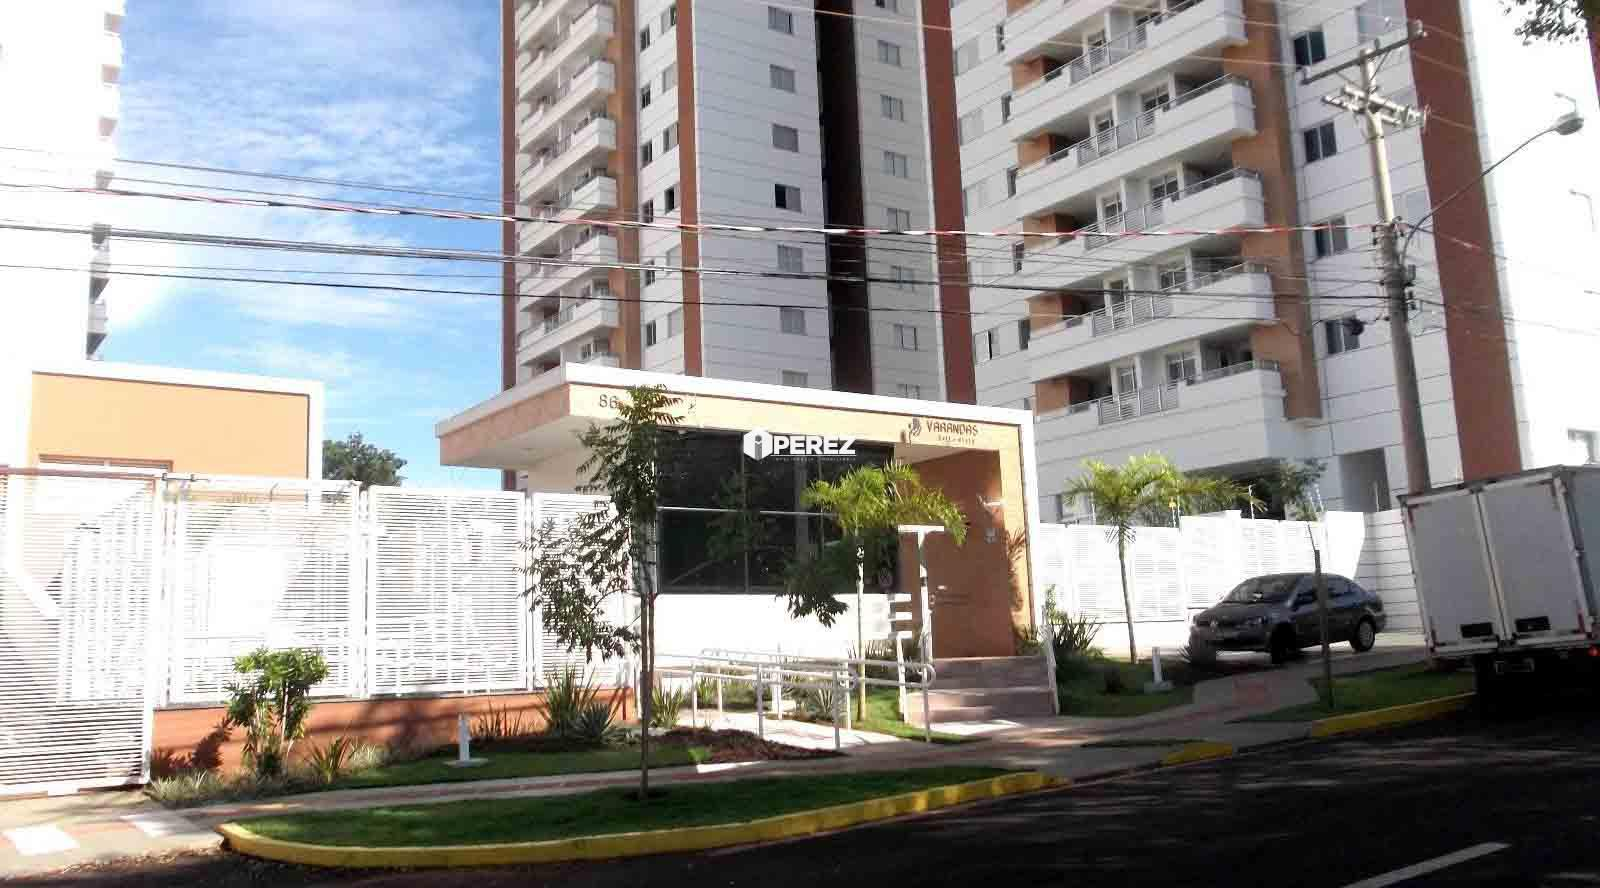 venda-campo-grande-ms-apartamento-nova-era-itanhanga-park-perez-imoveis